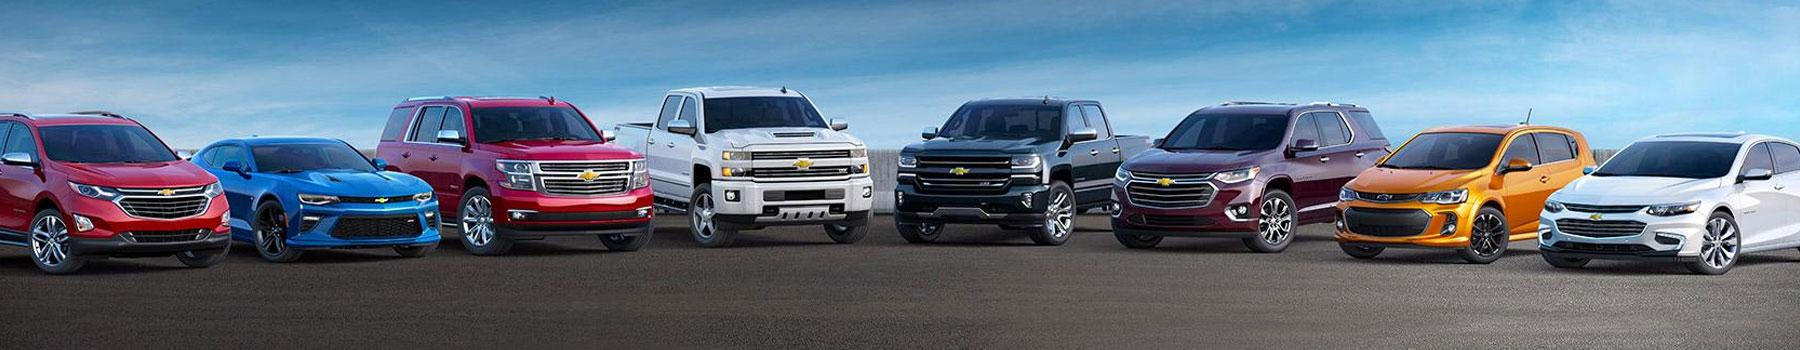 Shop OEM Chevrolet Touch Up Paint